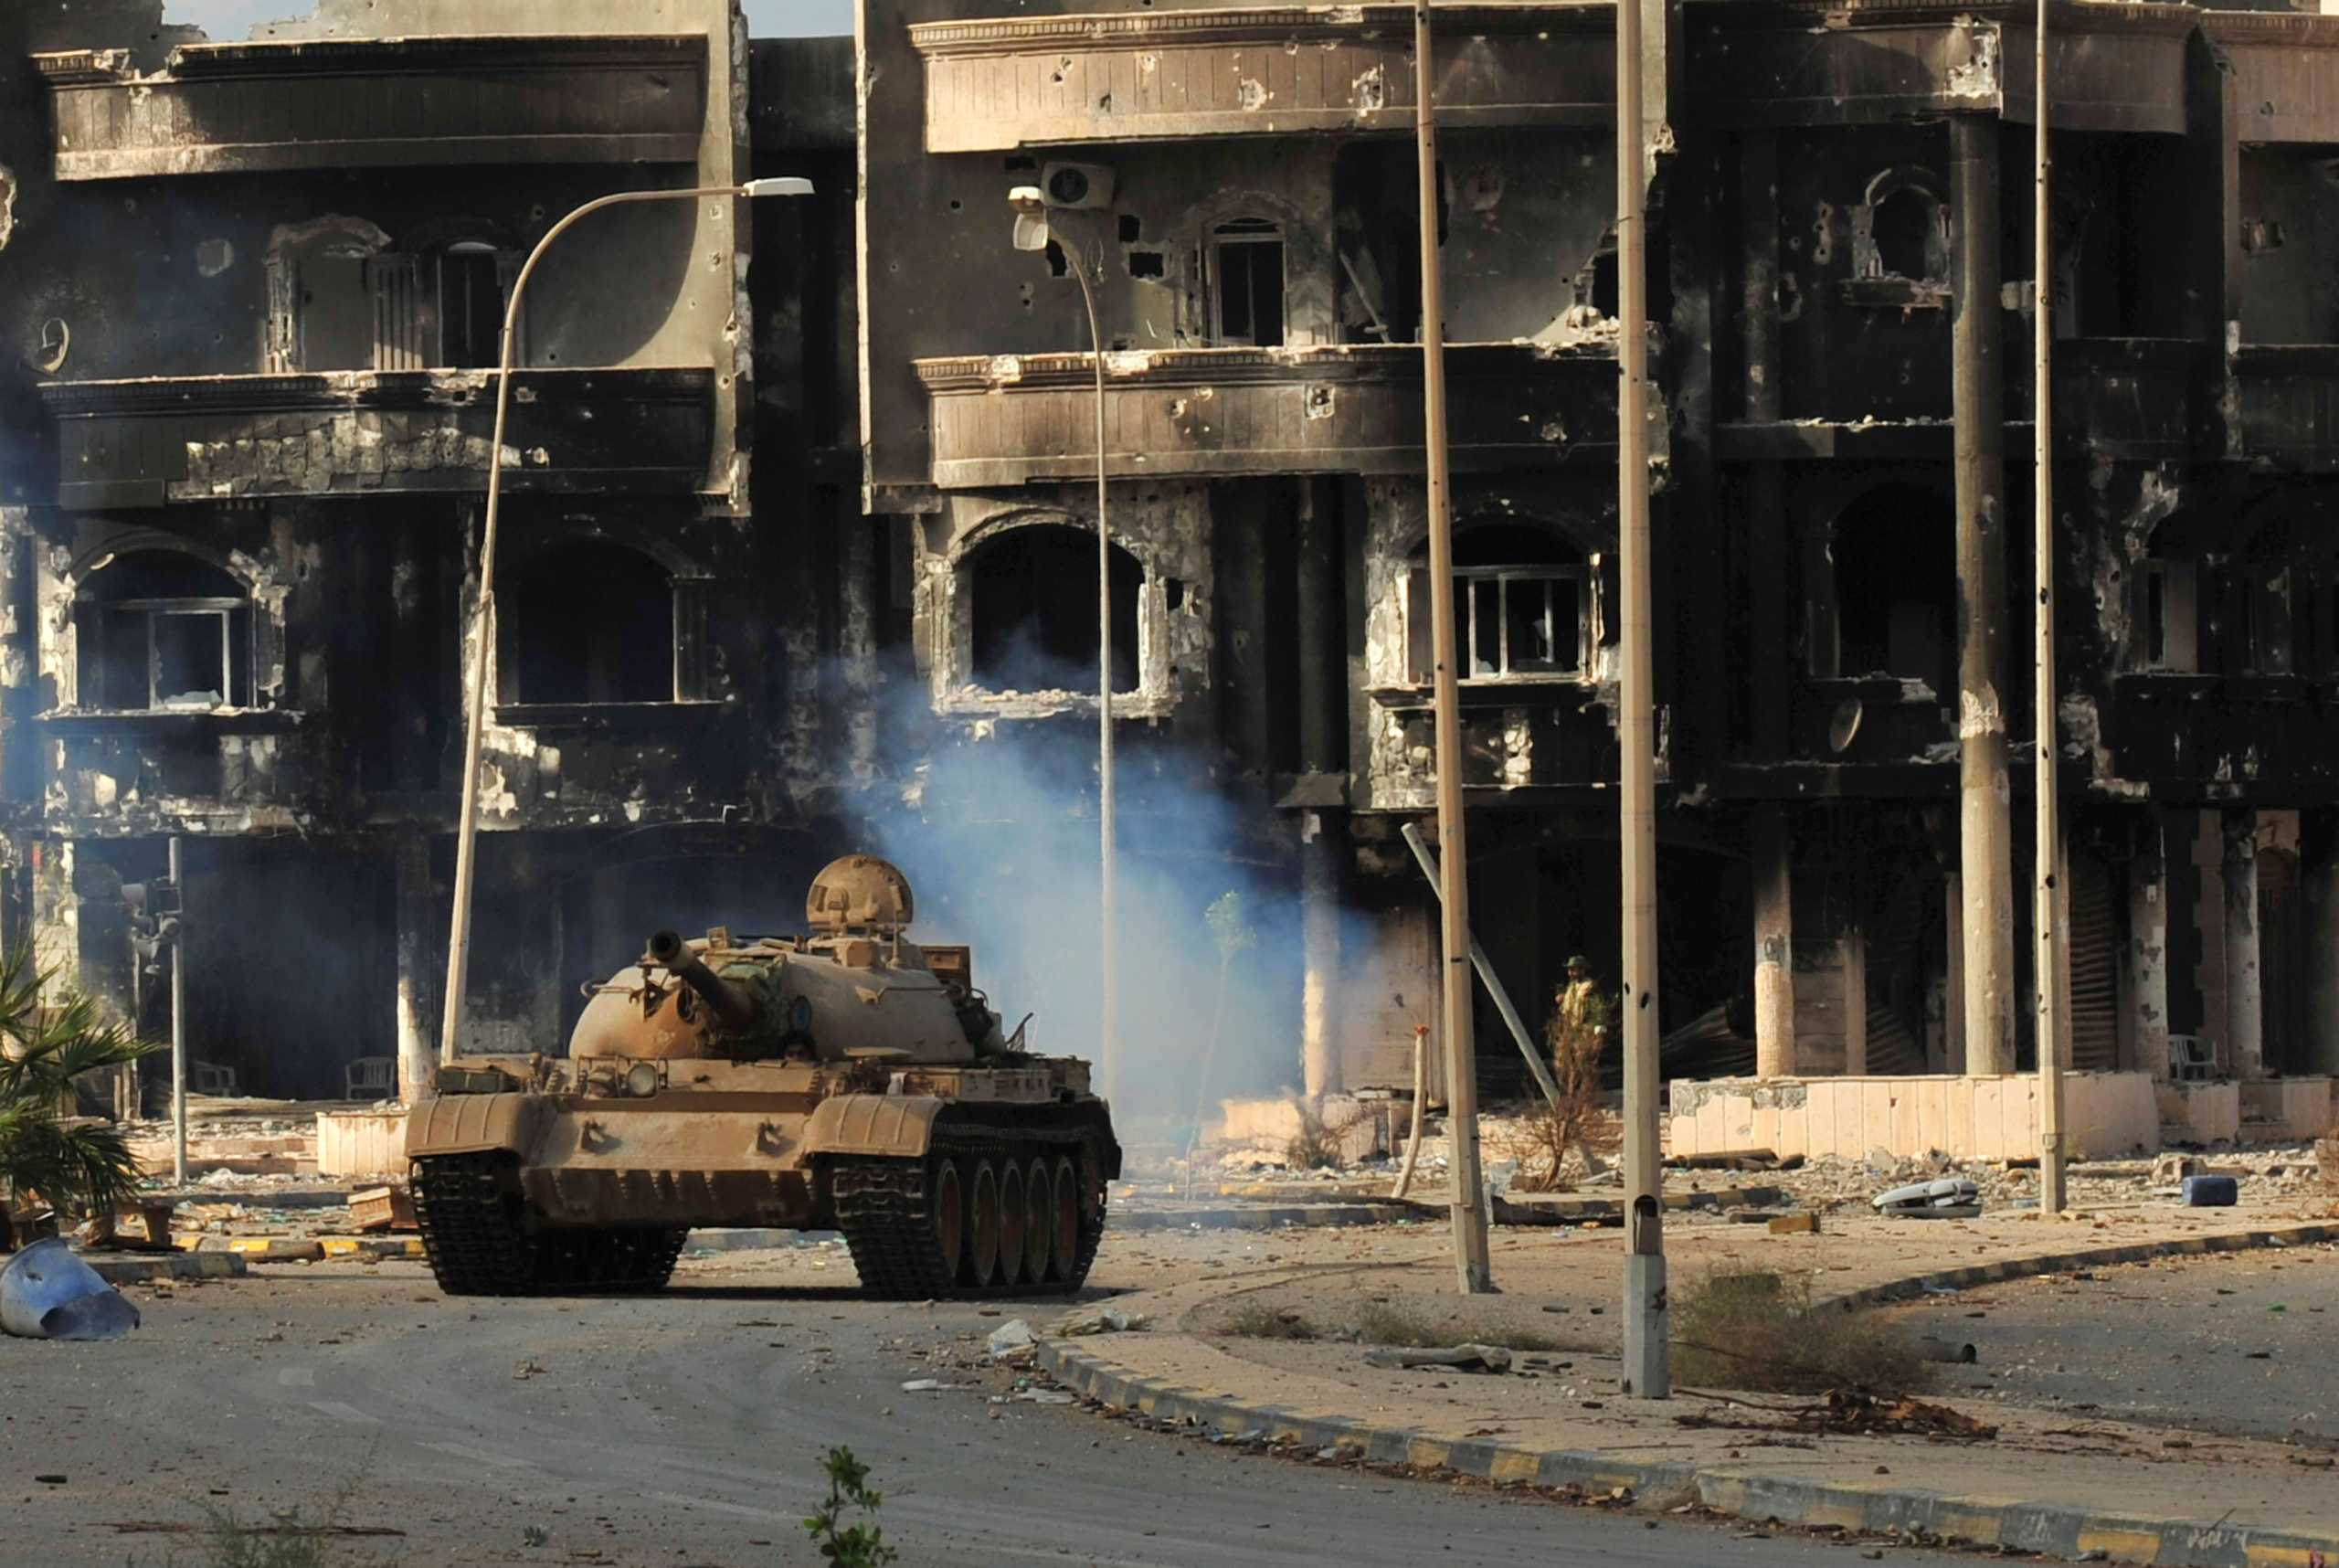 Λιβύη: Ο ΟΗΕ ζητά έρευνα για τον θάνατο παιδιού σε επίθεση με ολμοβόλα